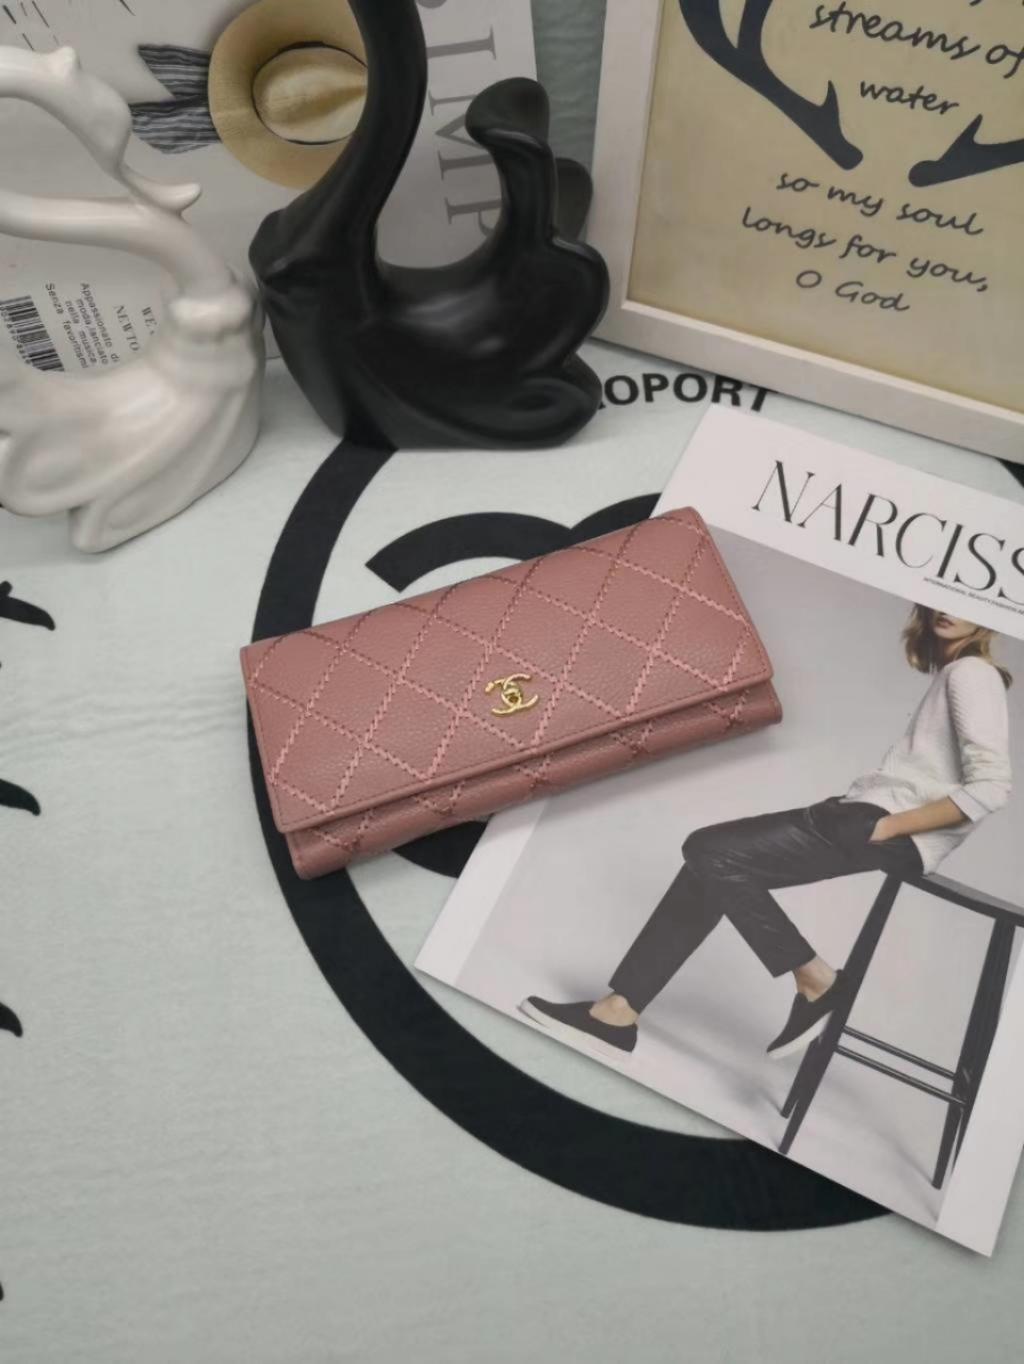 Chanel シャネル レディース 財布 通販大丈夫 ブランドコピー 日本国内発送 2色